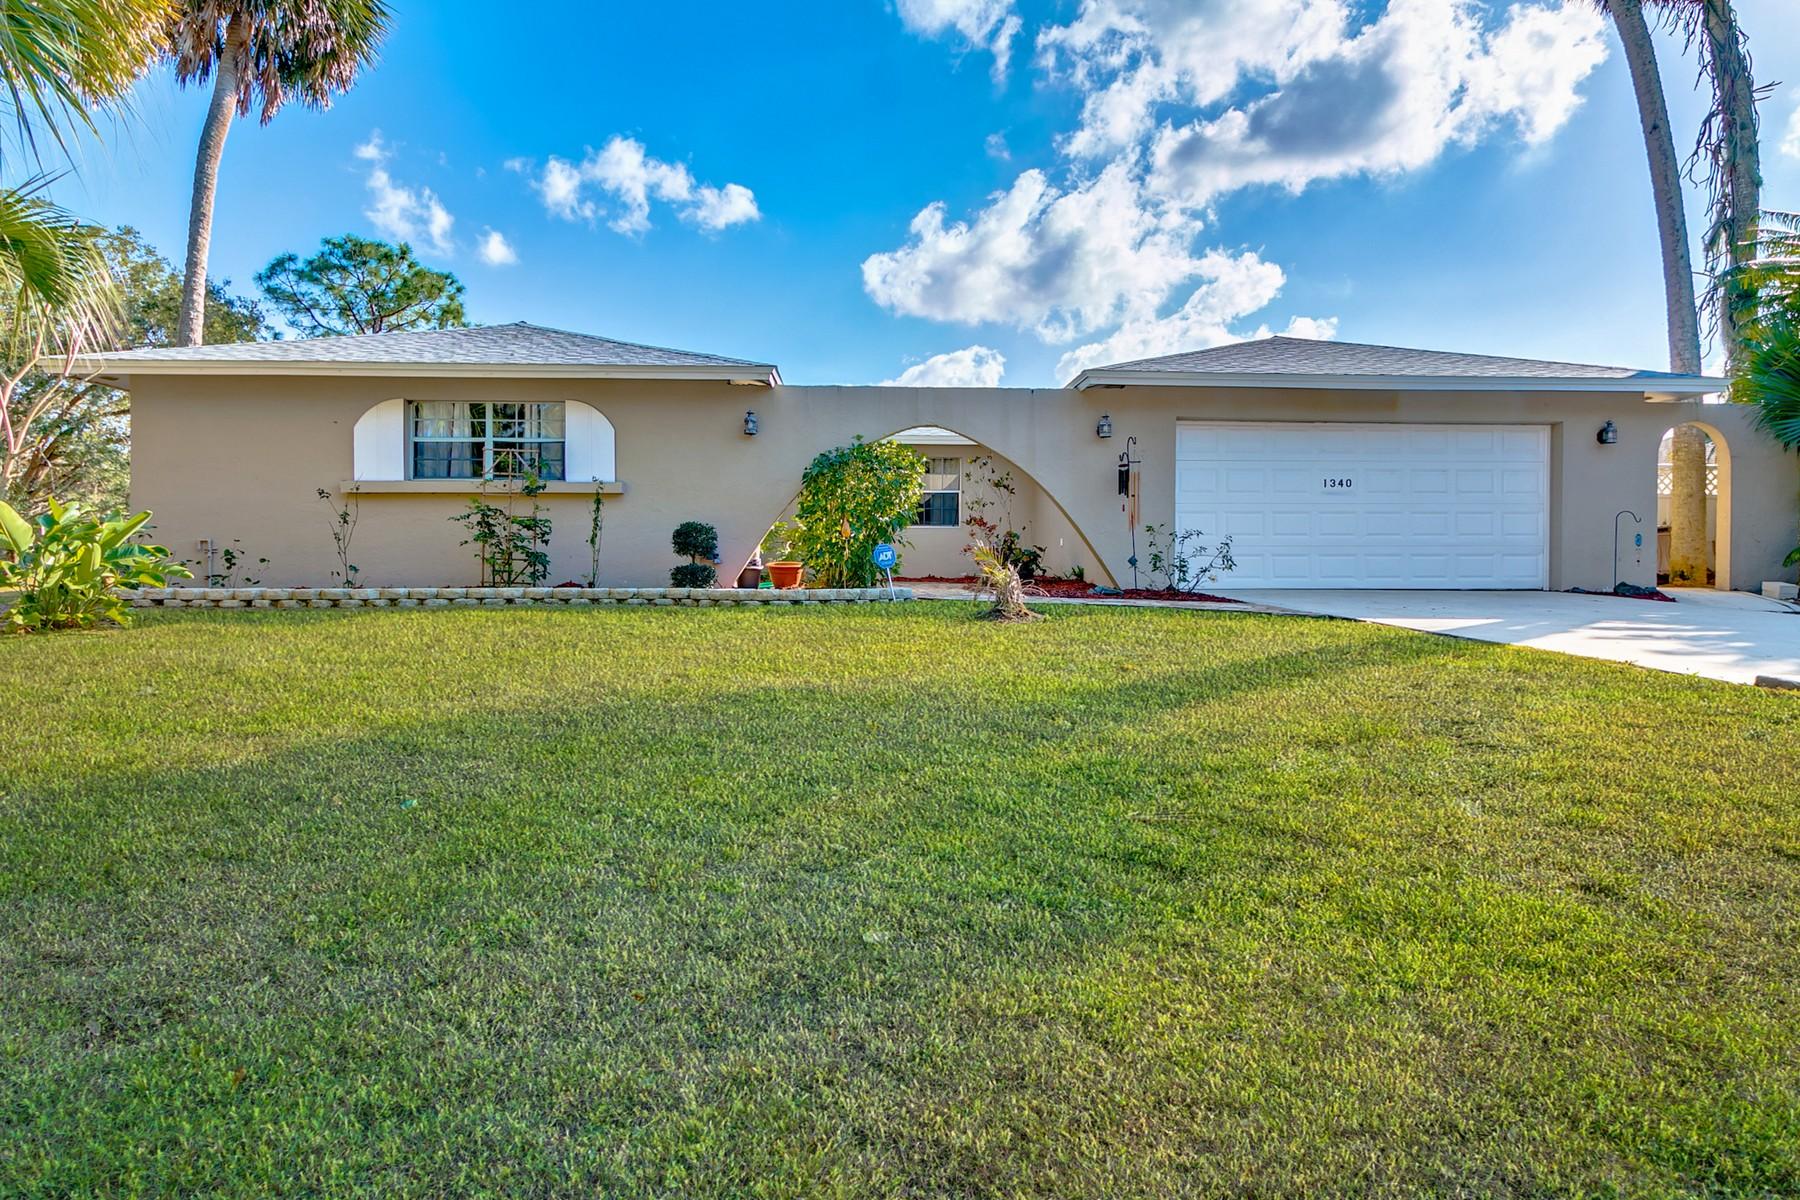 Casa para uma família para Venda às 1340 Meadowbrook Road Palm Bay, Florida, 32905 Estados Unidos